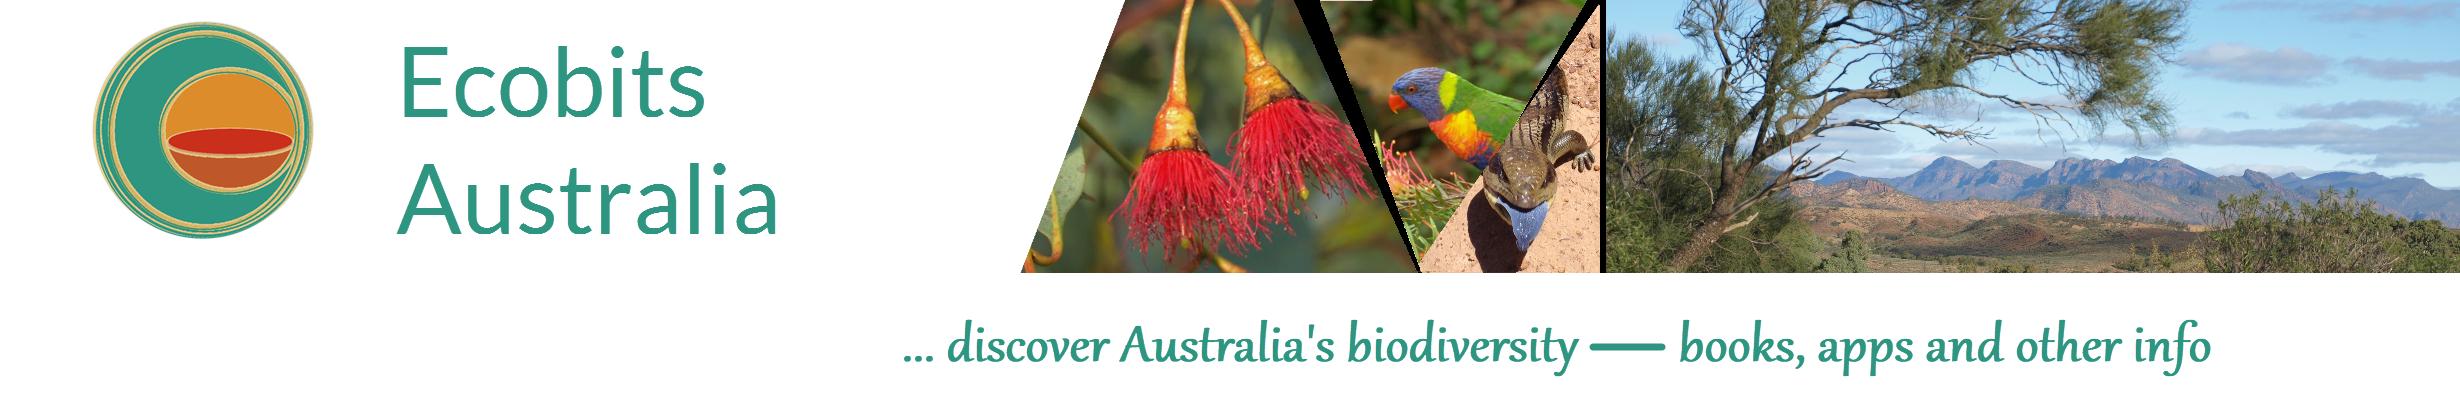 Ecobits Australia